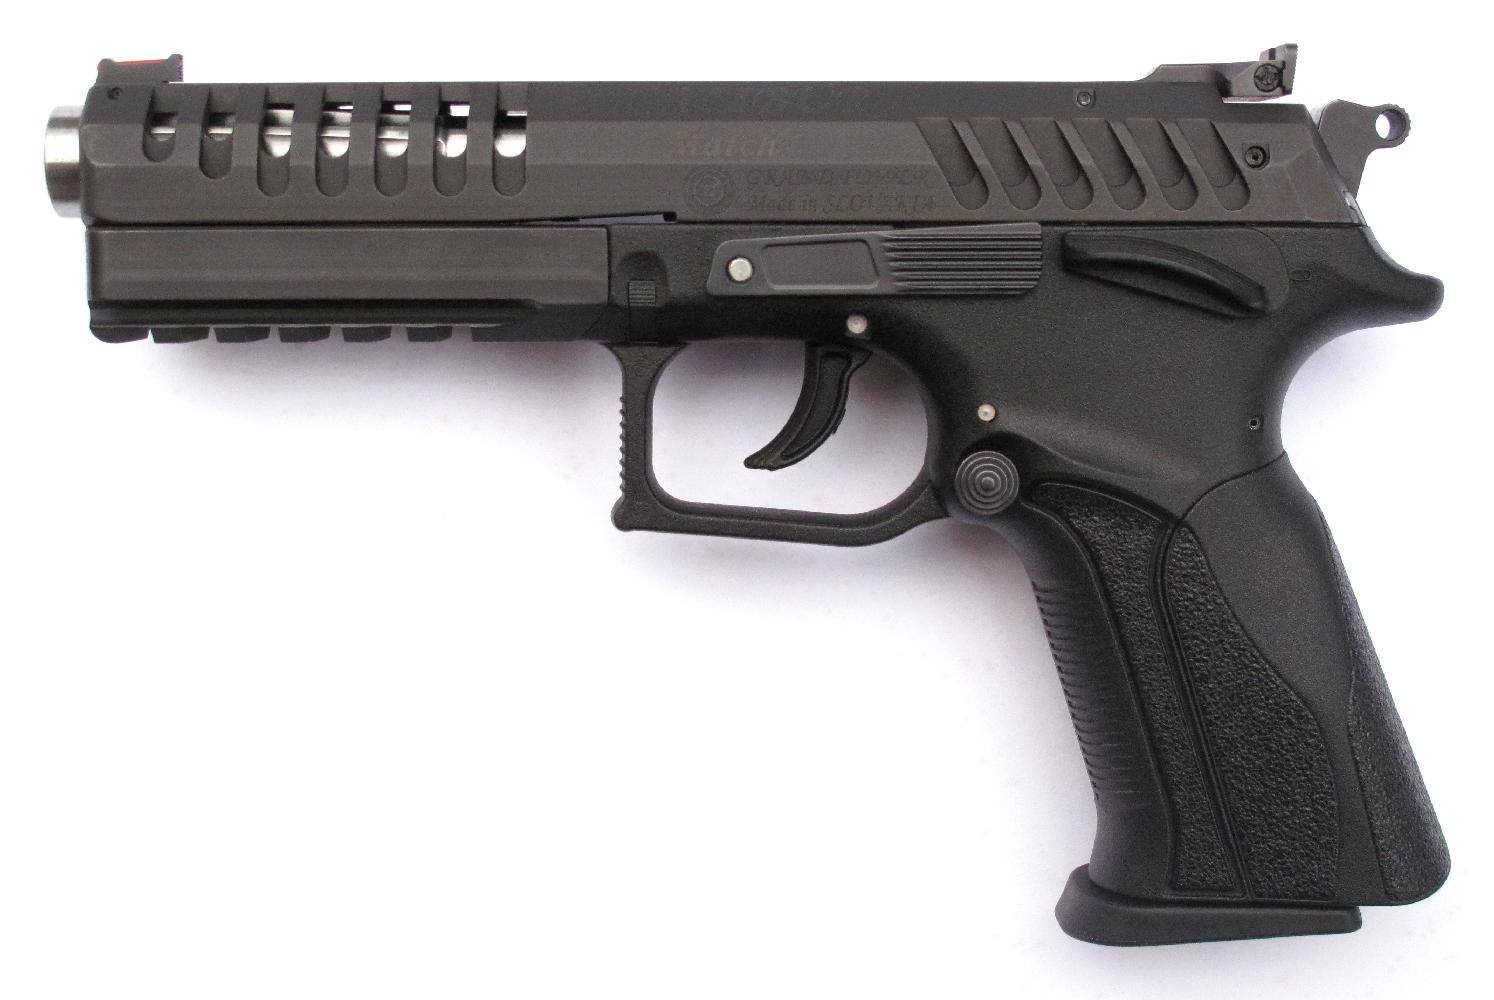 Pistolet semi-automatique Grand Power X-Calibur « Match » en calibre 9 mm Parabellum.